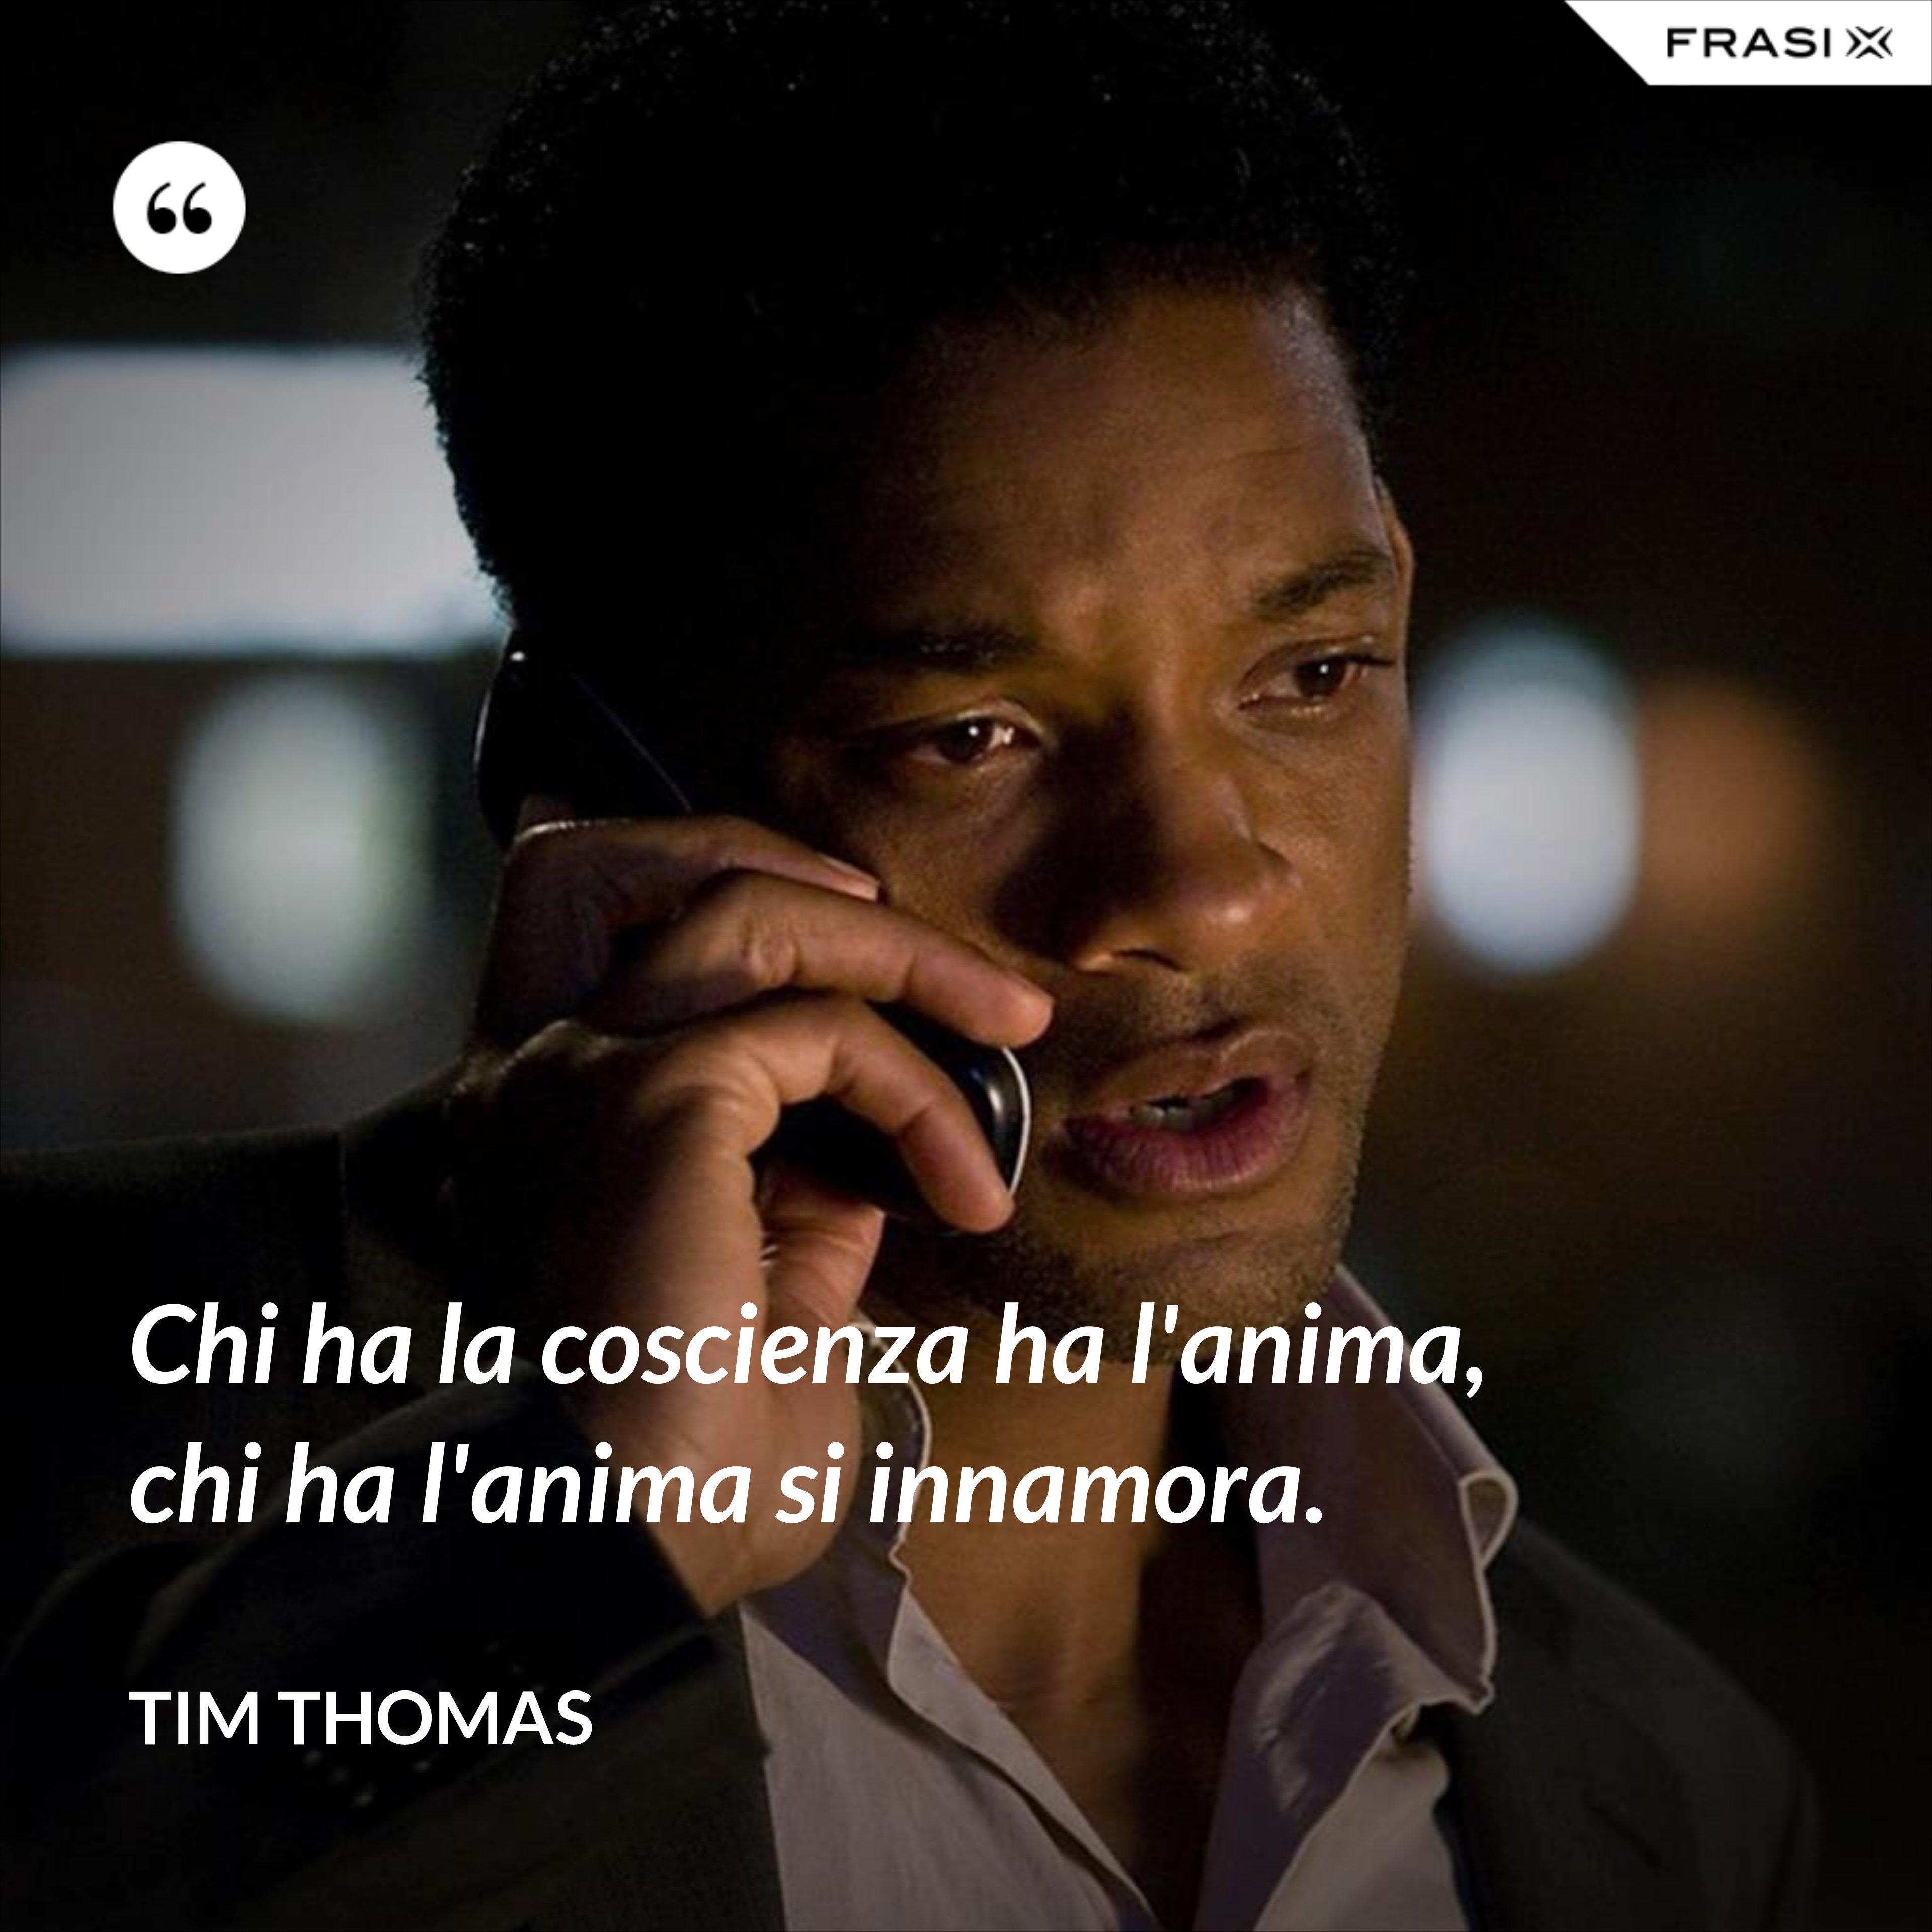 Chi ha la coscienza ha l'anima, chi ha l'anima si innamora. - Tim Thomas